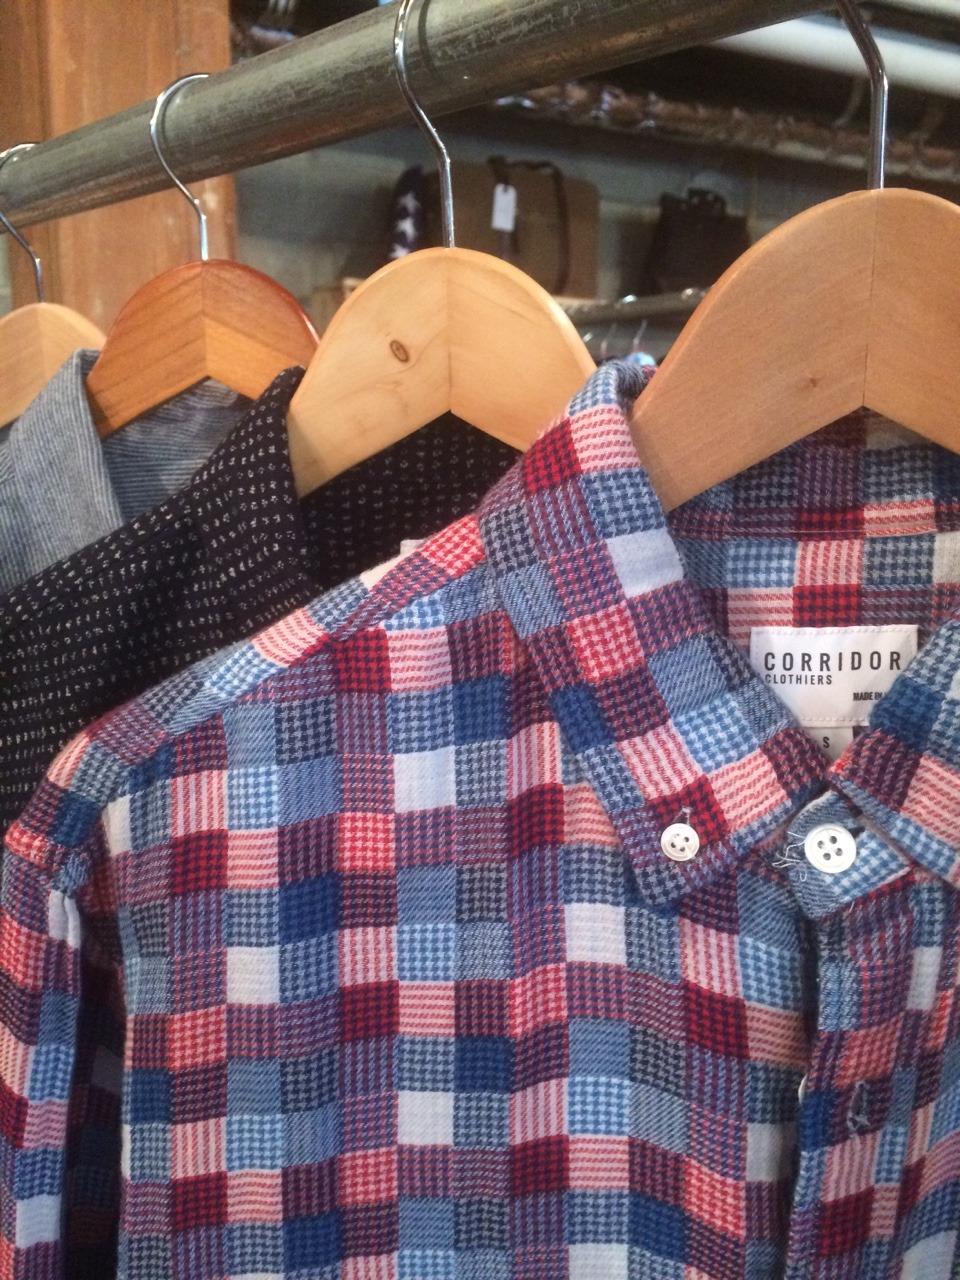 Awesome corridor shirts at northerngrade